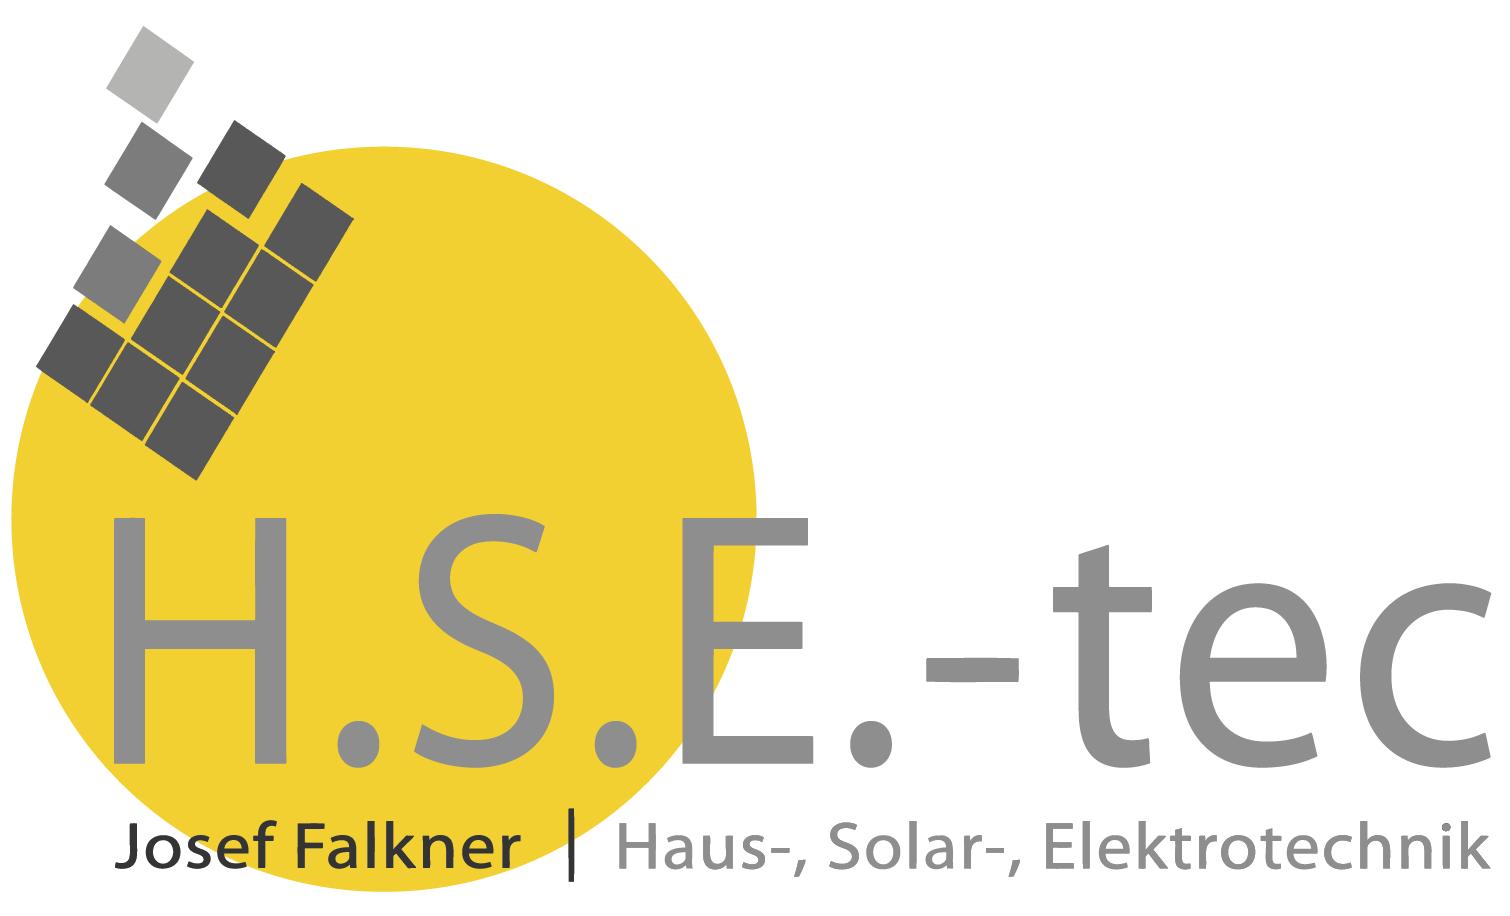 H.S.E.-tec | Haus-, Solar-, Elektrotechnik aus Gaspoltshofen | Josef Falkner ist Ihr Ansprechpartner für Elektroinstallationen, Solar- & Photovoltaikanlagen, Gebäudereinigung, Sanitärsanierungen aus dem Bezirk Grieskirchen.